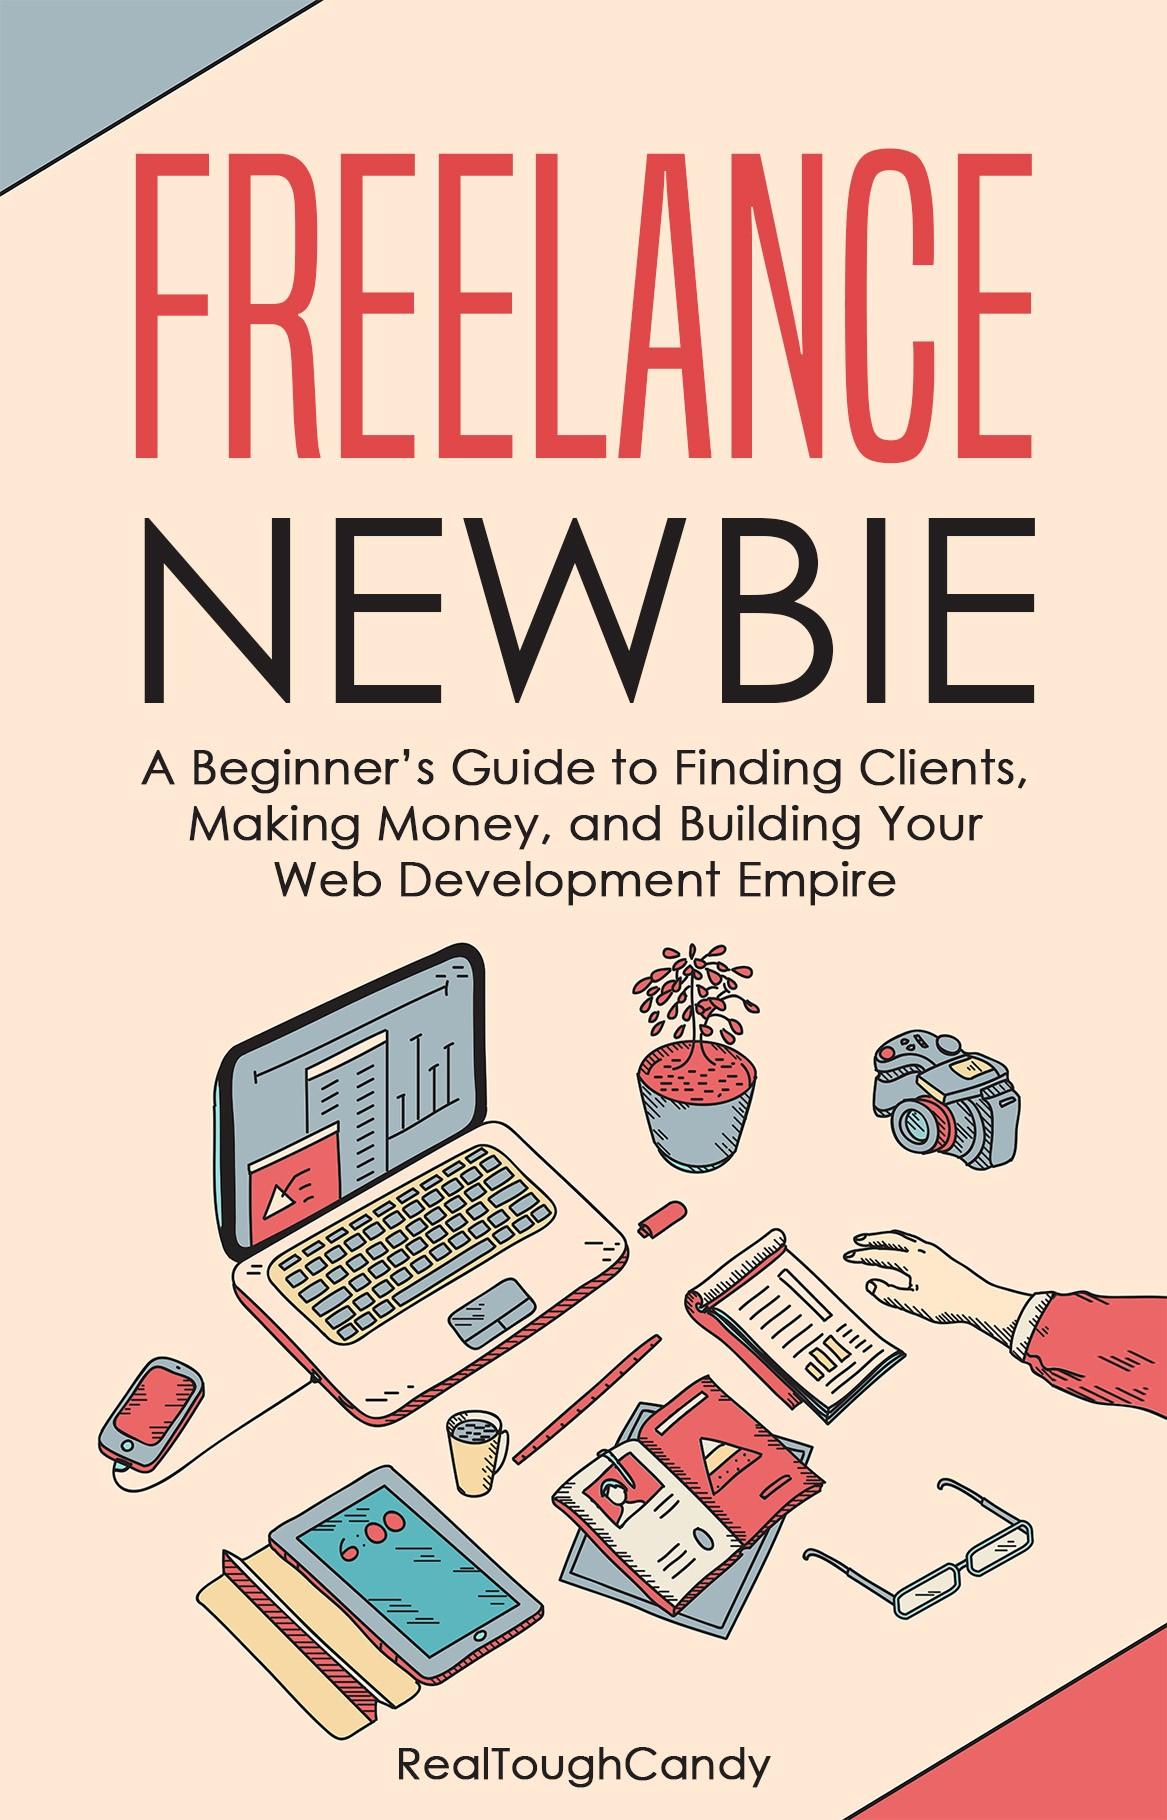 Freelance Newbie